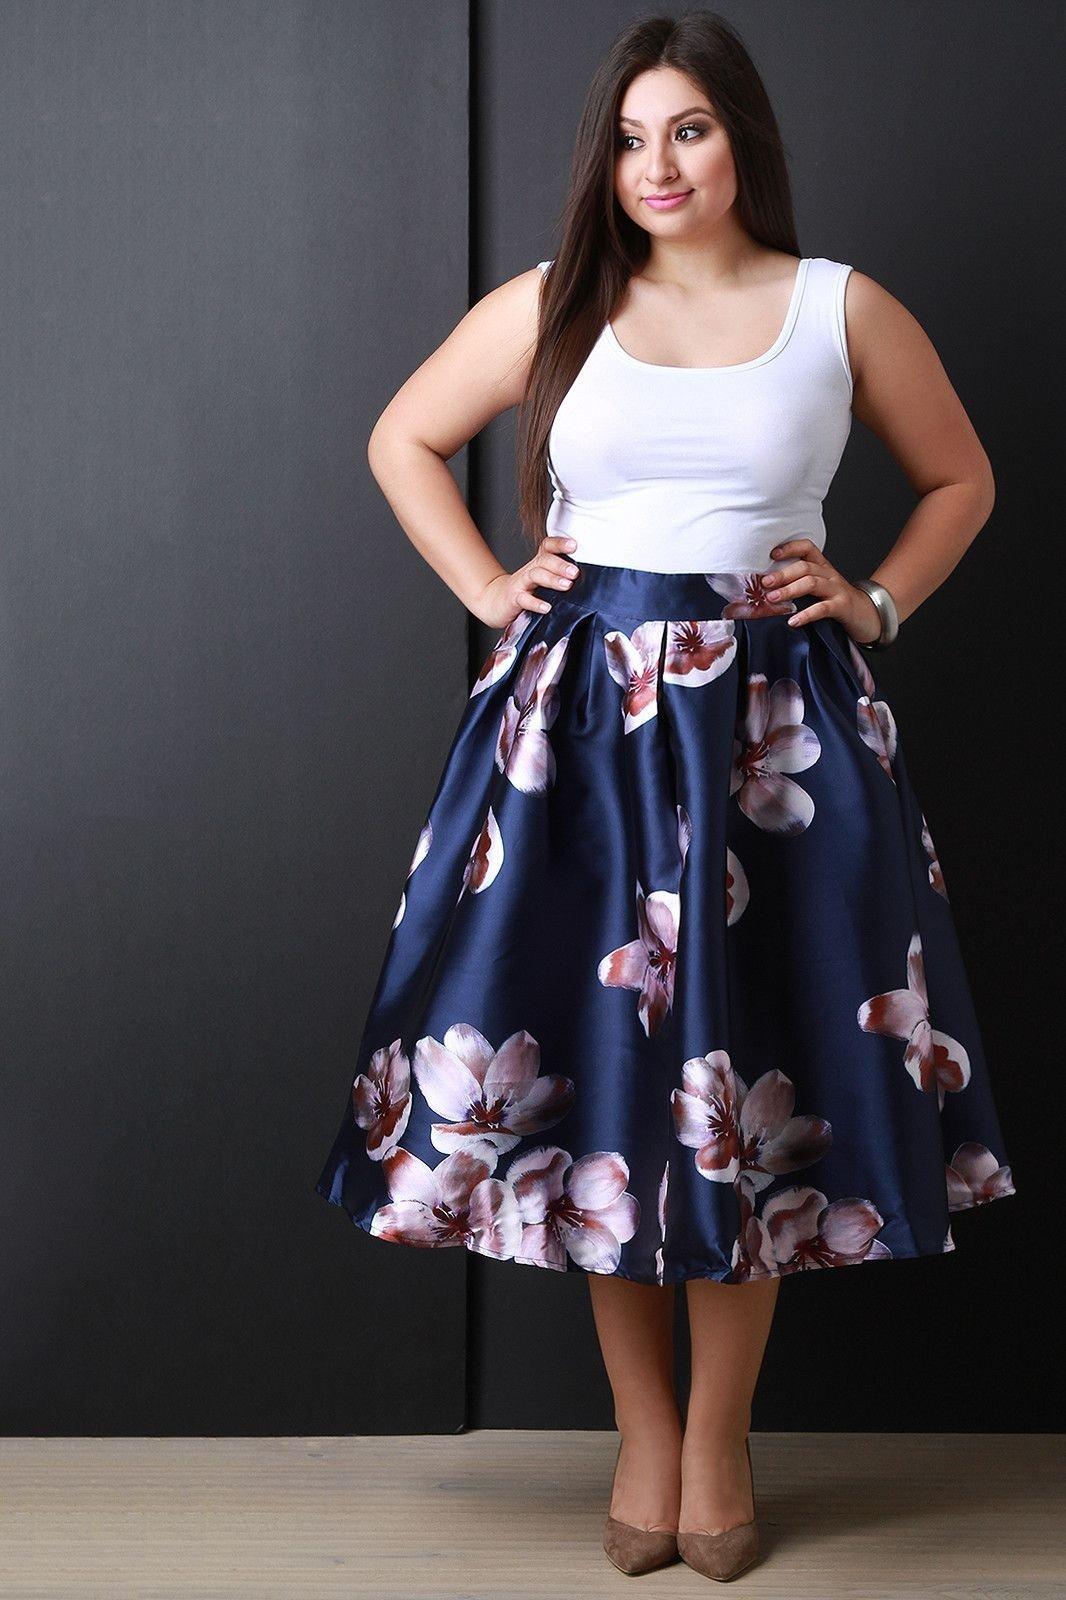 модная синяя юбка с цветочным принтом для полных осень-зима 2018 2019